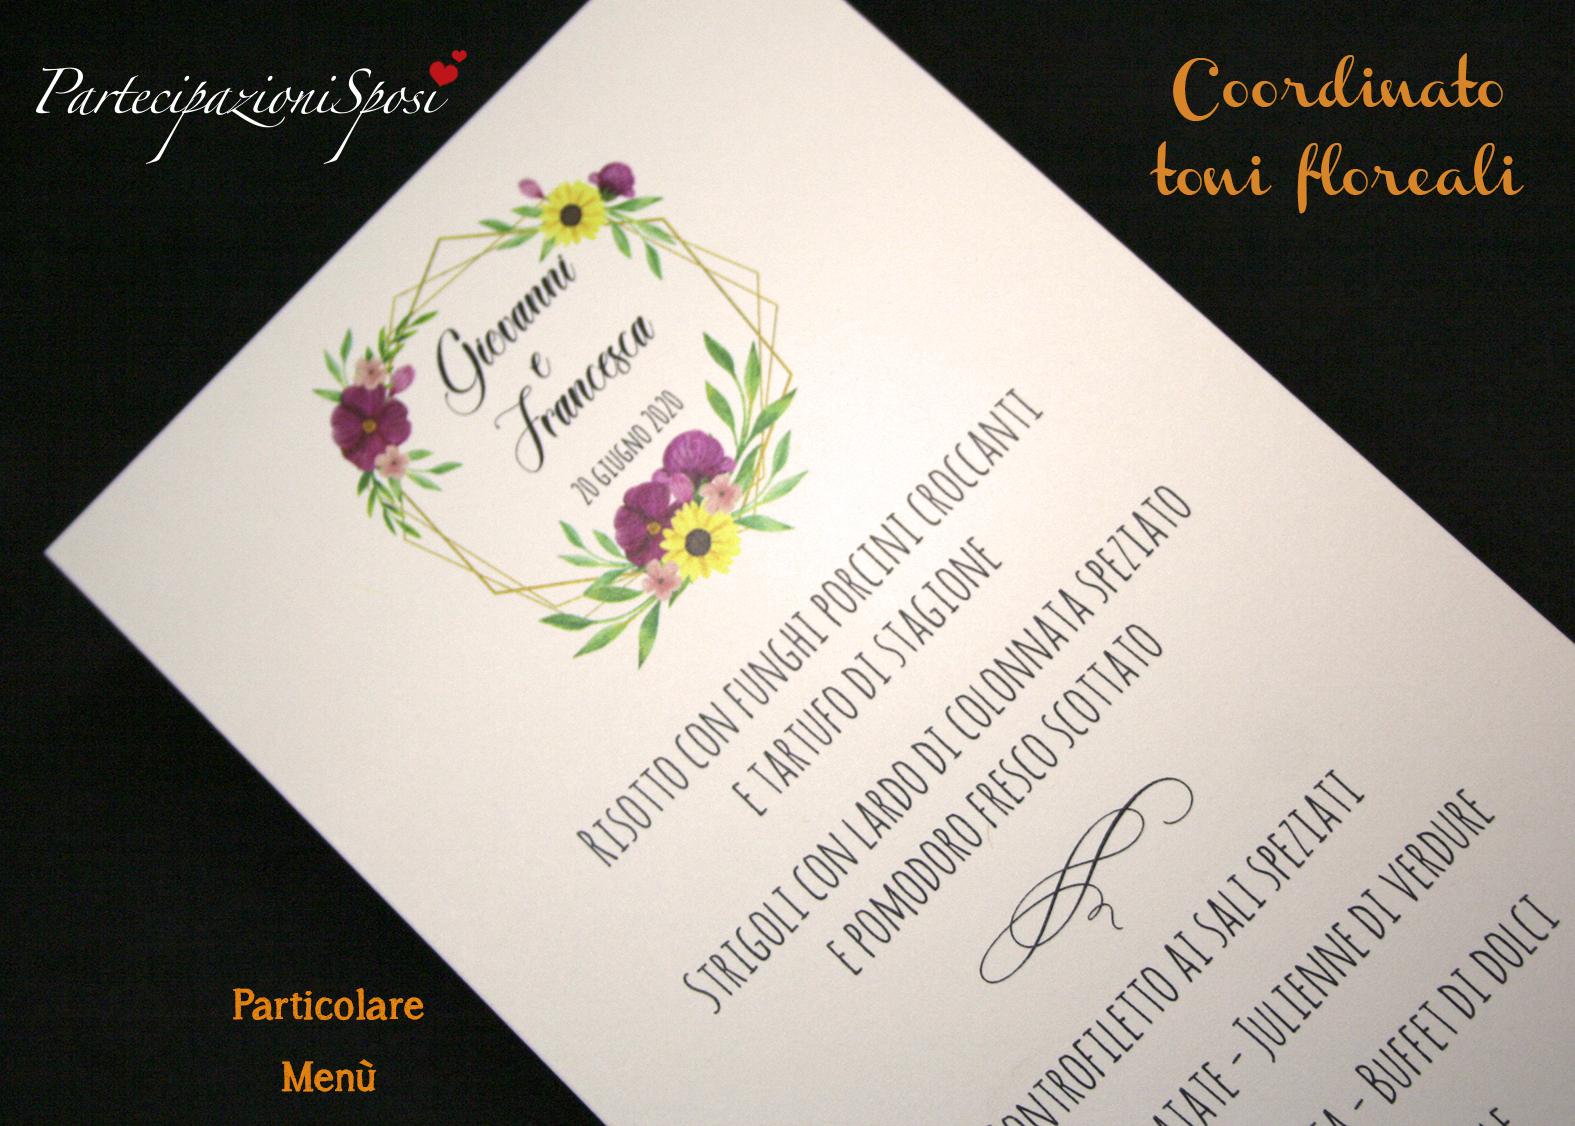 Partecipazioni Matrimonio Gialle.Menu Fiori Viola E Gialli Partecipazioni Sposi Stampa